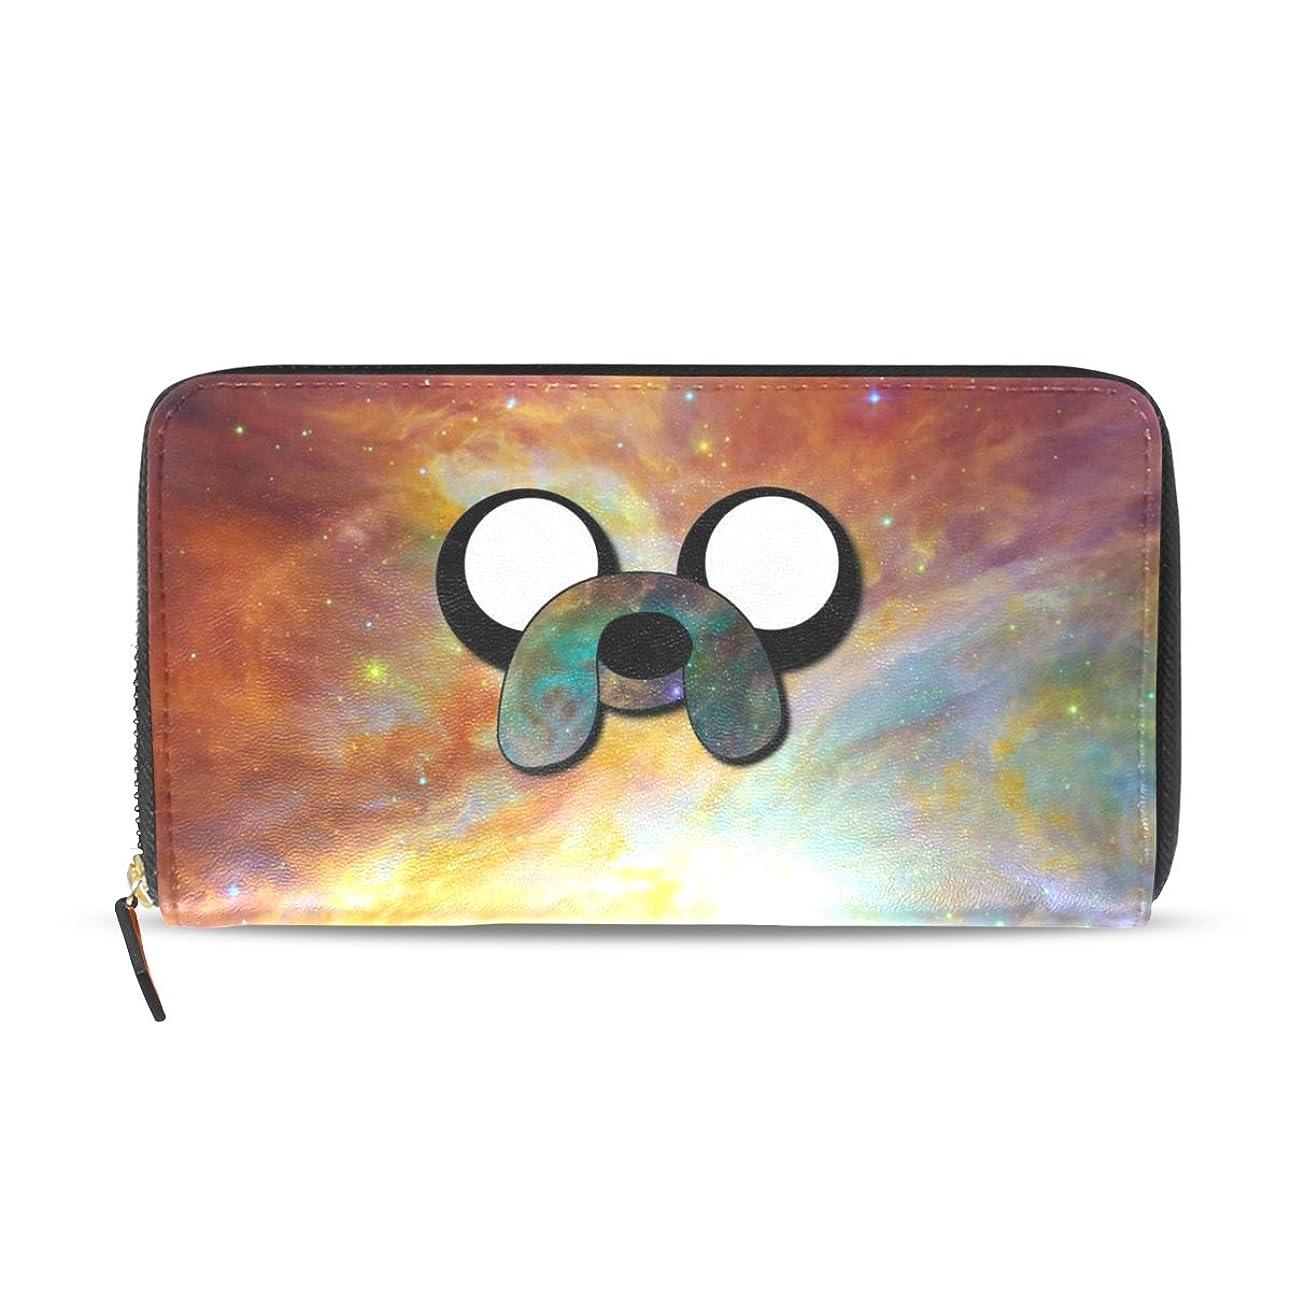 便利さログラベGORIRA(ゴリラ) 星雲上 犬の顔 長財布 レディース ダブルサイド印刷 ファスナー開閉式 ウォレット